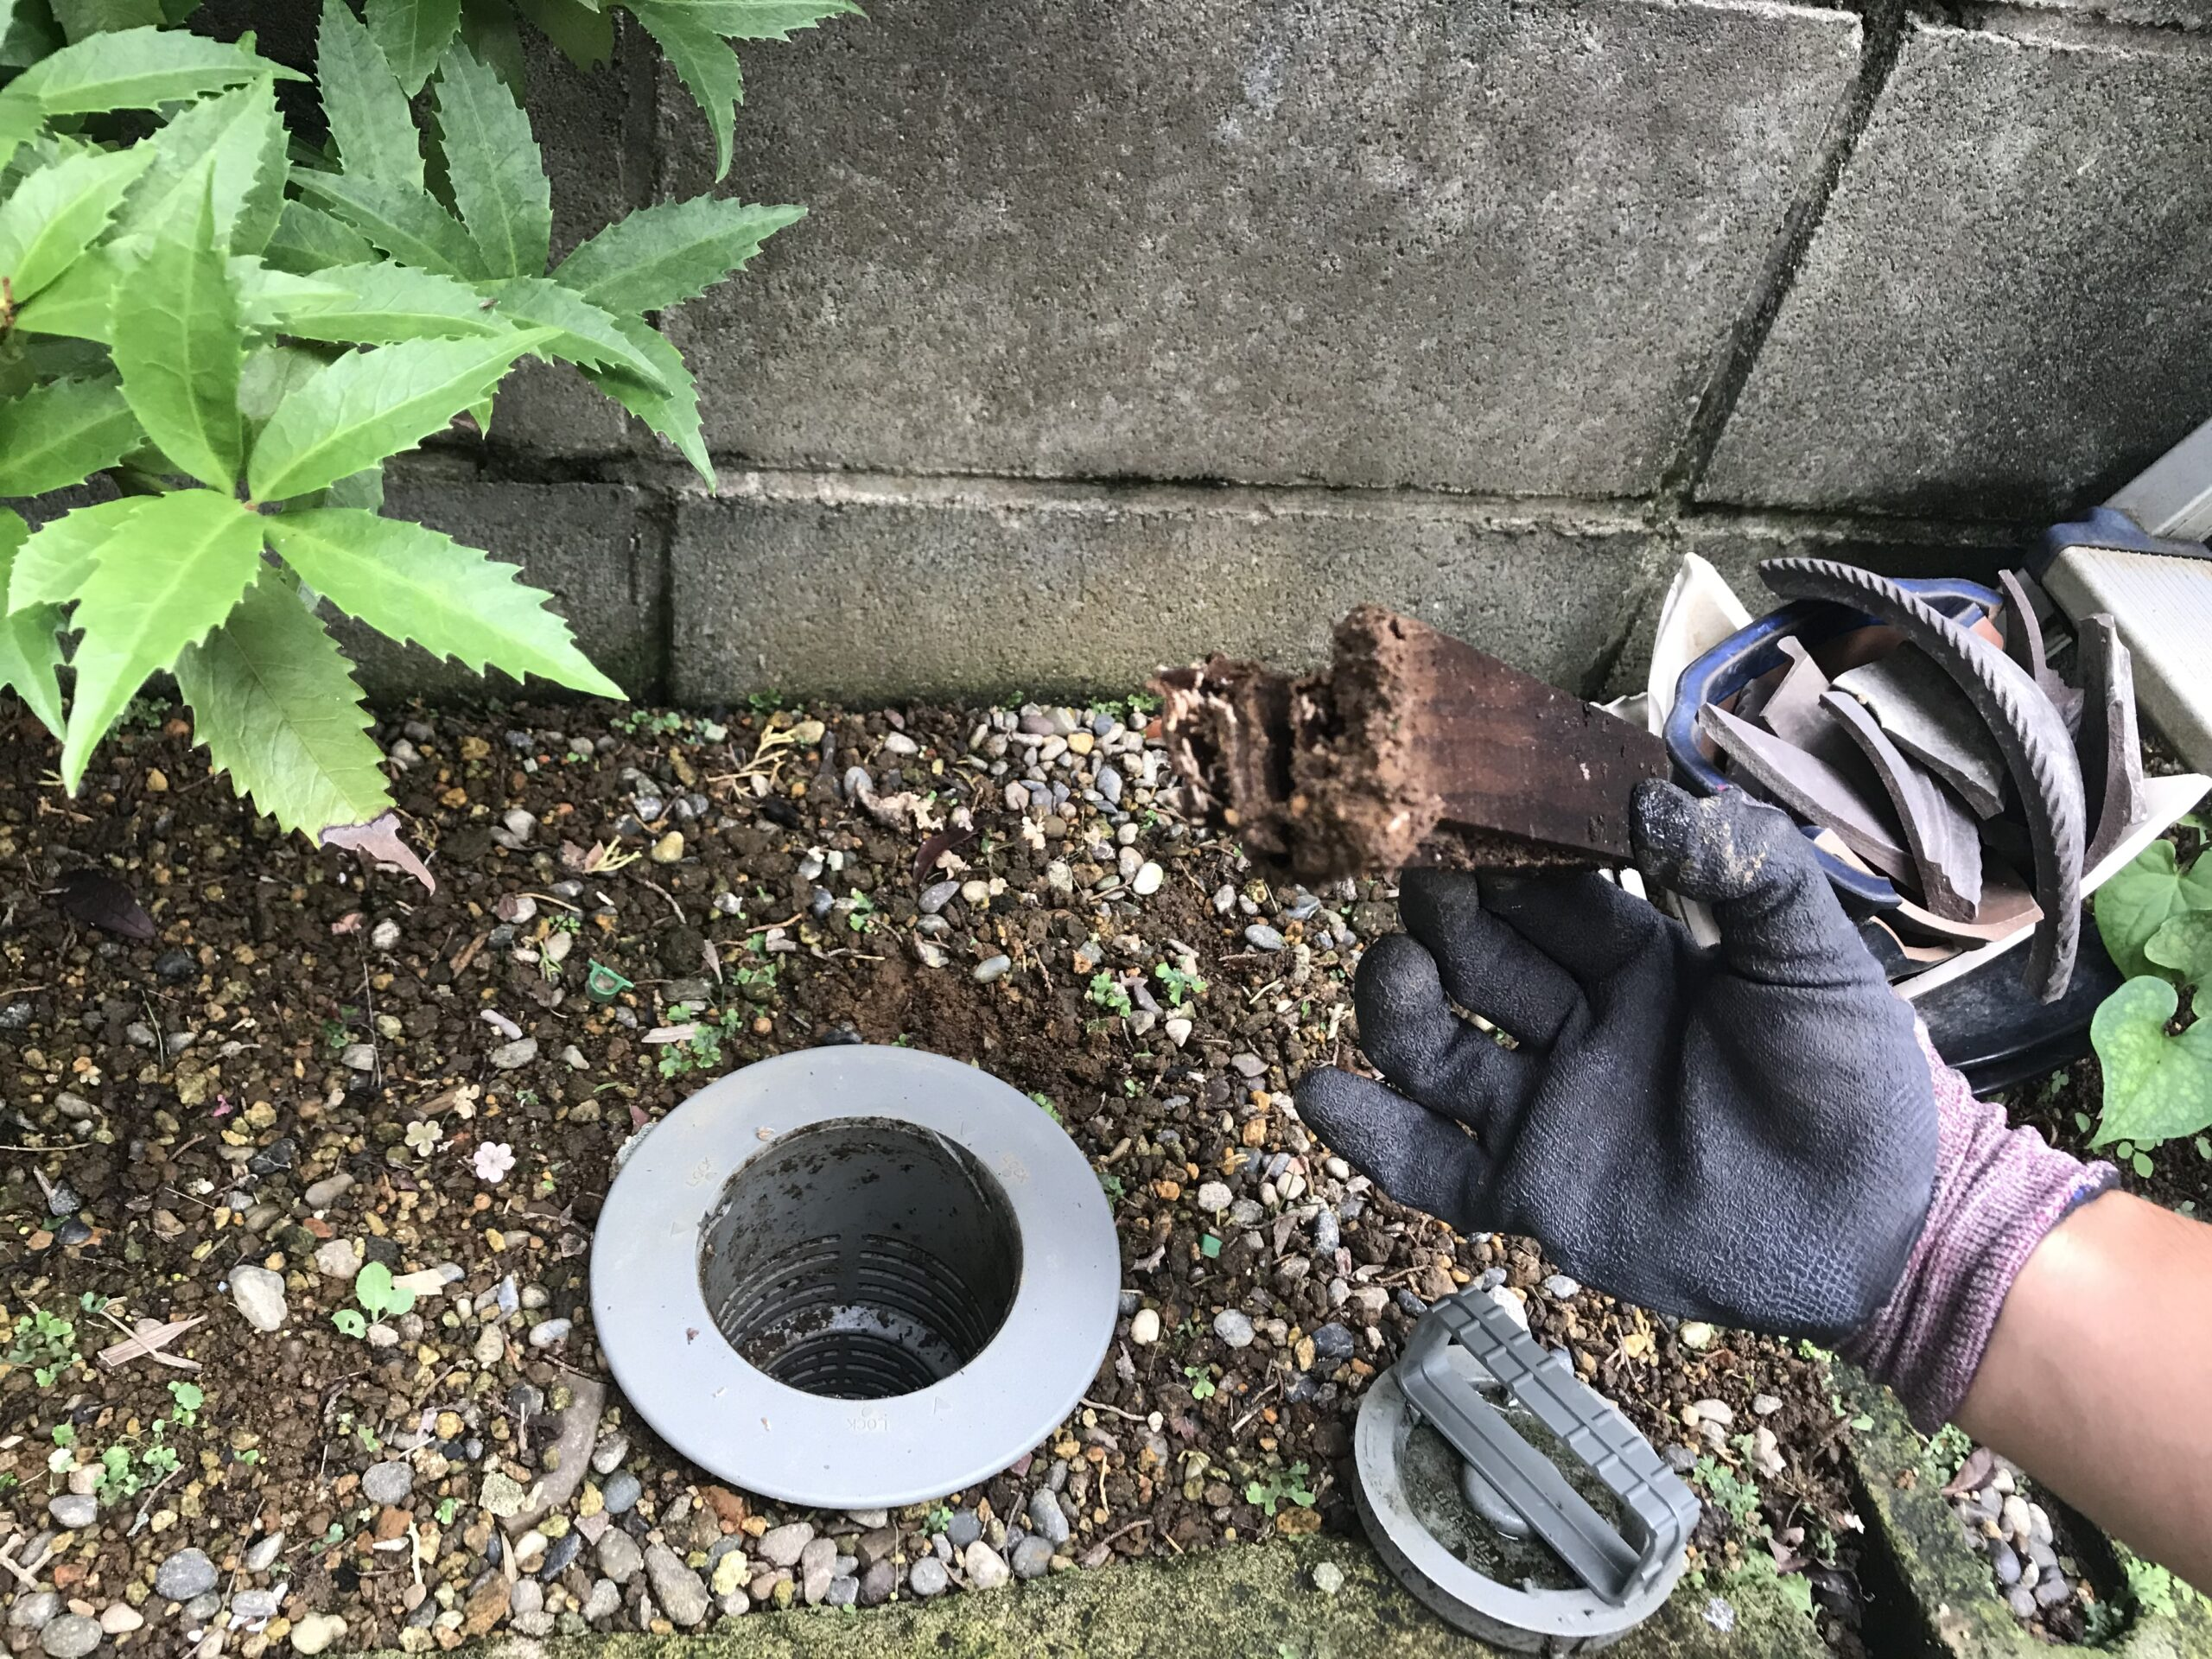 千葉県八千代市のO様のシロアリ駆除と点検:施工後